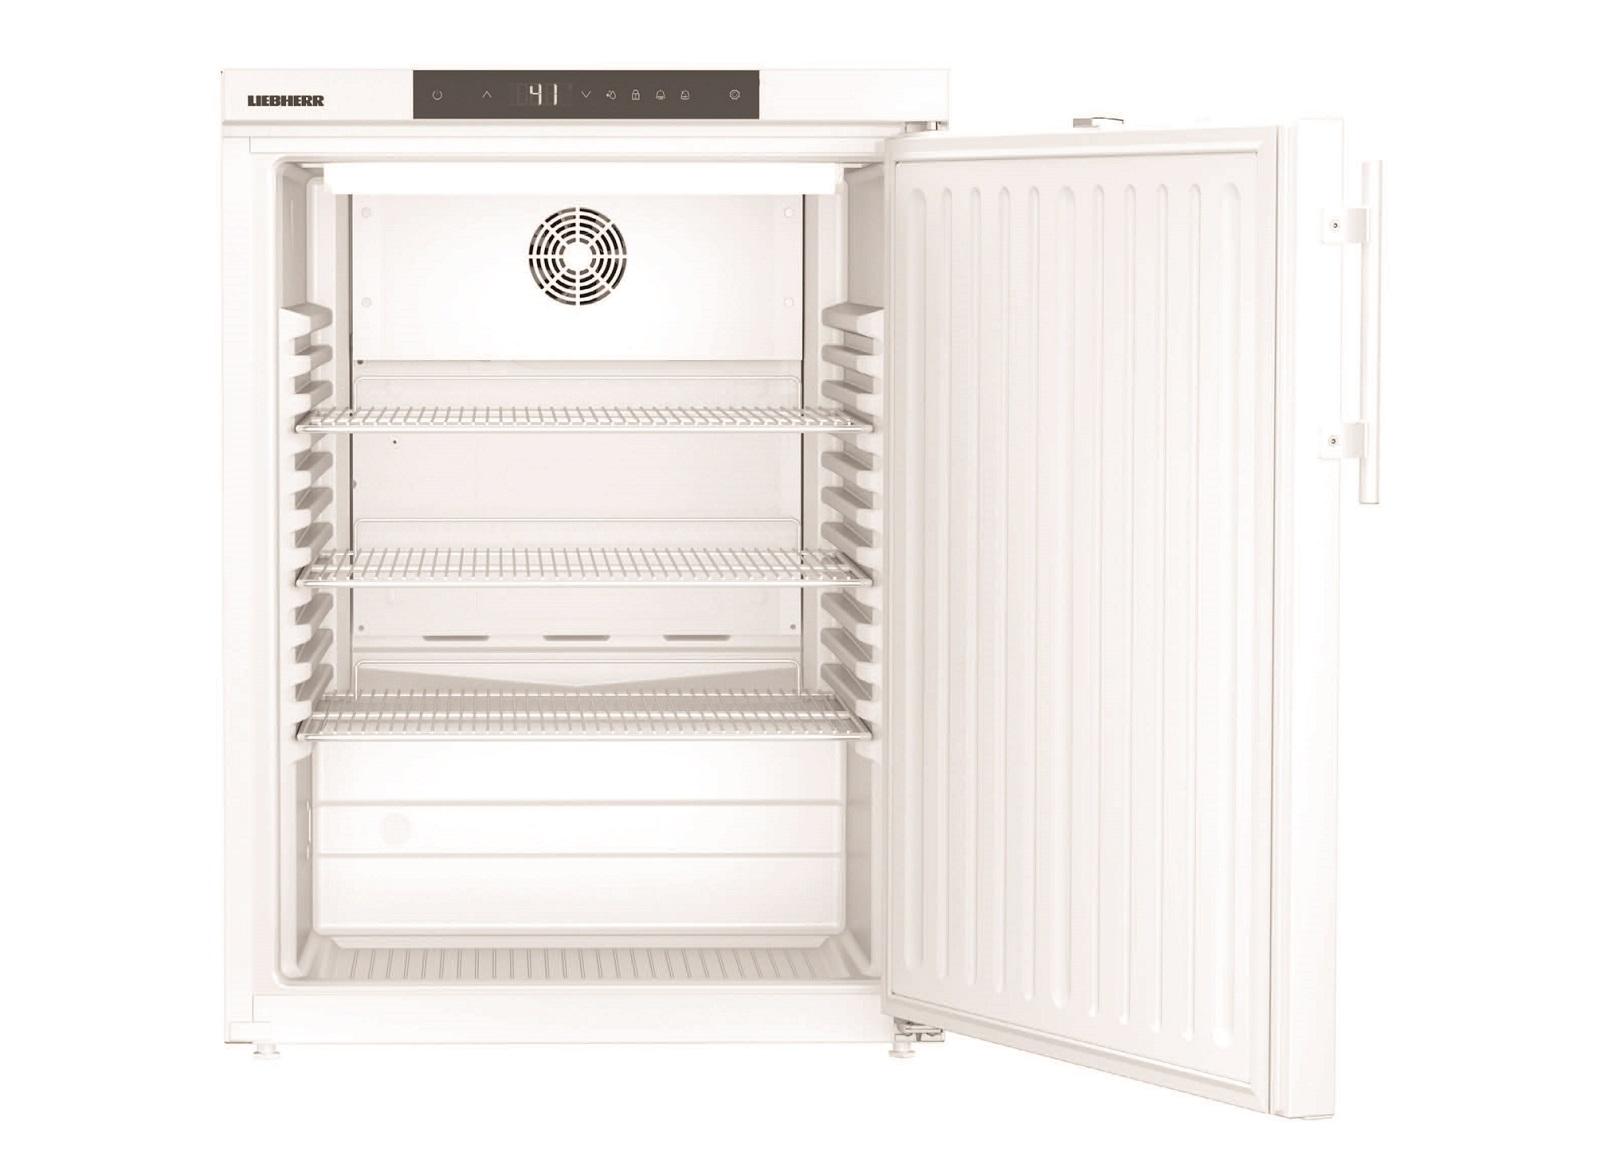 купить Лабораторный холодильный шкаф Liebherr LKUv 1610 Украина фото 1